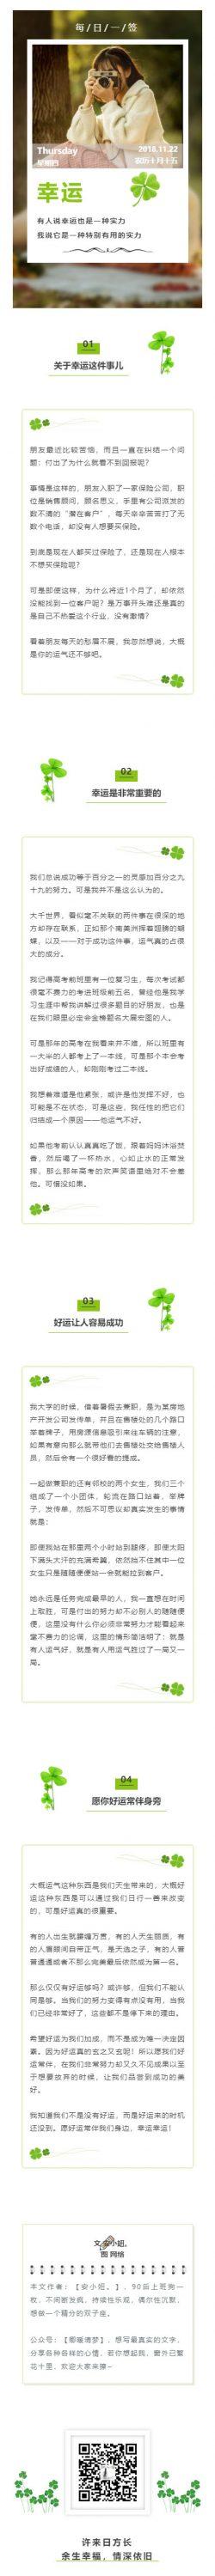 绿色清新风格模板散文文章多文少图微信模板